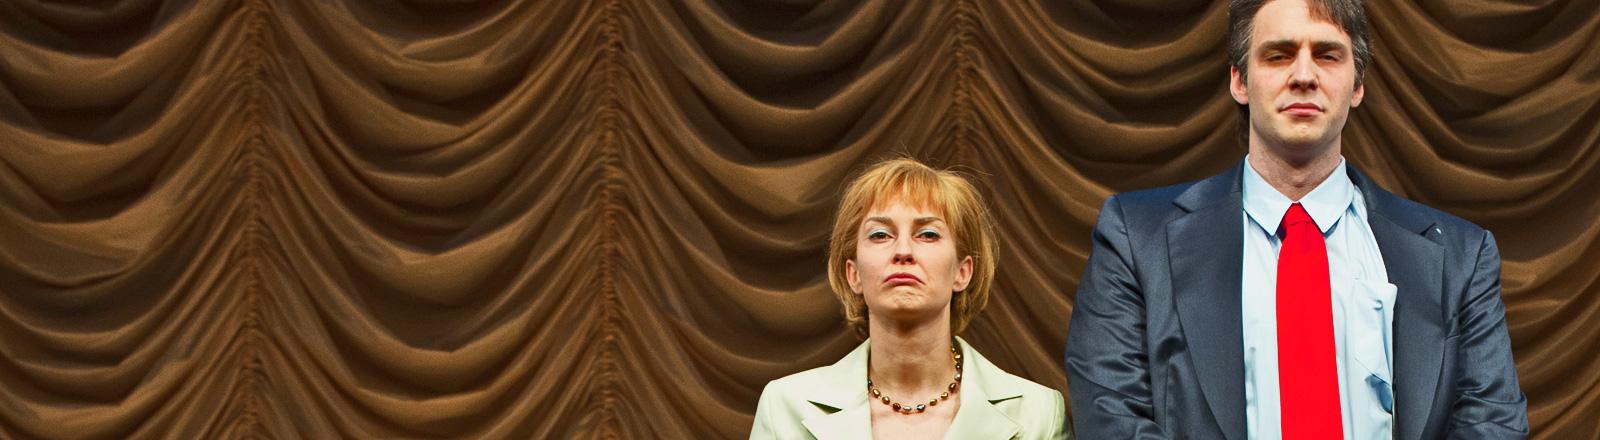 """Probenfoto vom 21.05.2014 zeigt eine Szene aus dem Stück """"Mutti"""" von Juli Zeh und Charlotte Roos mit Nadja Robiné als Angela und Michael Wächter als Sigmar (dpa)."""